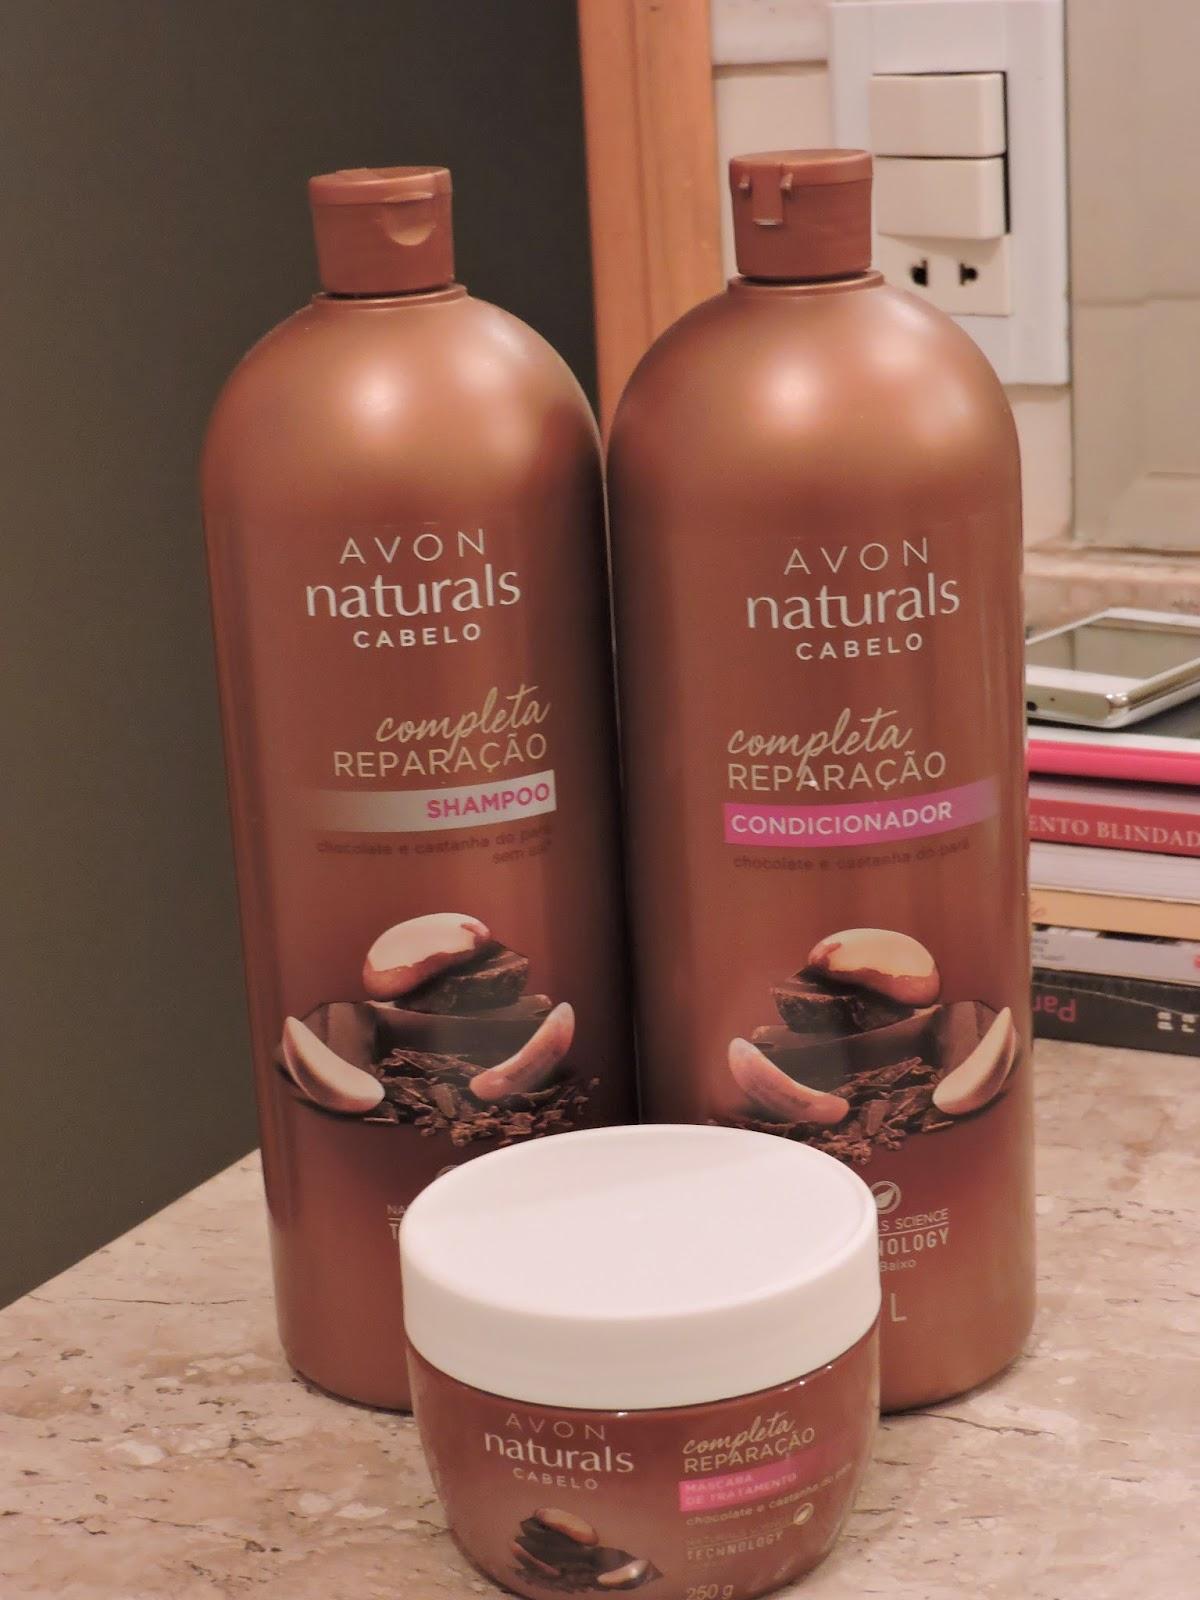 Avon Naturals Shampoo